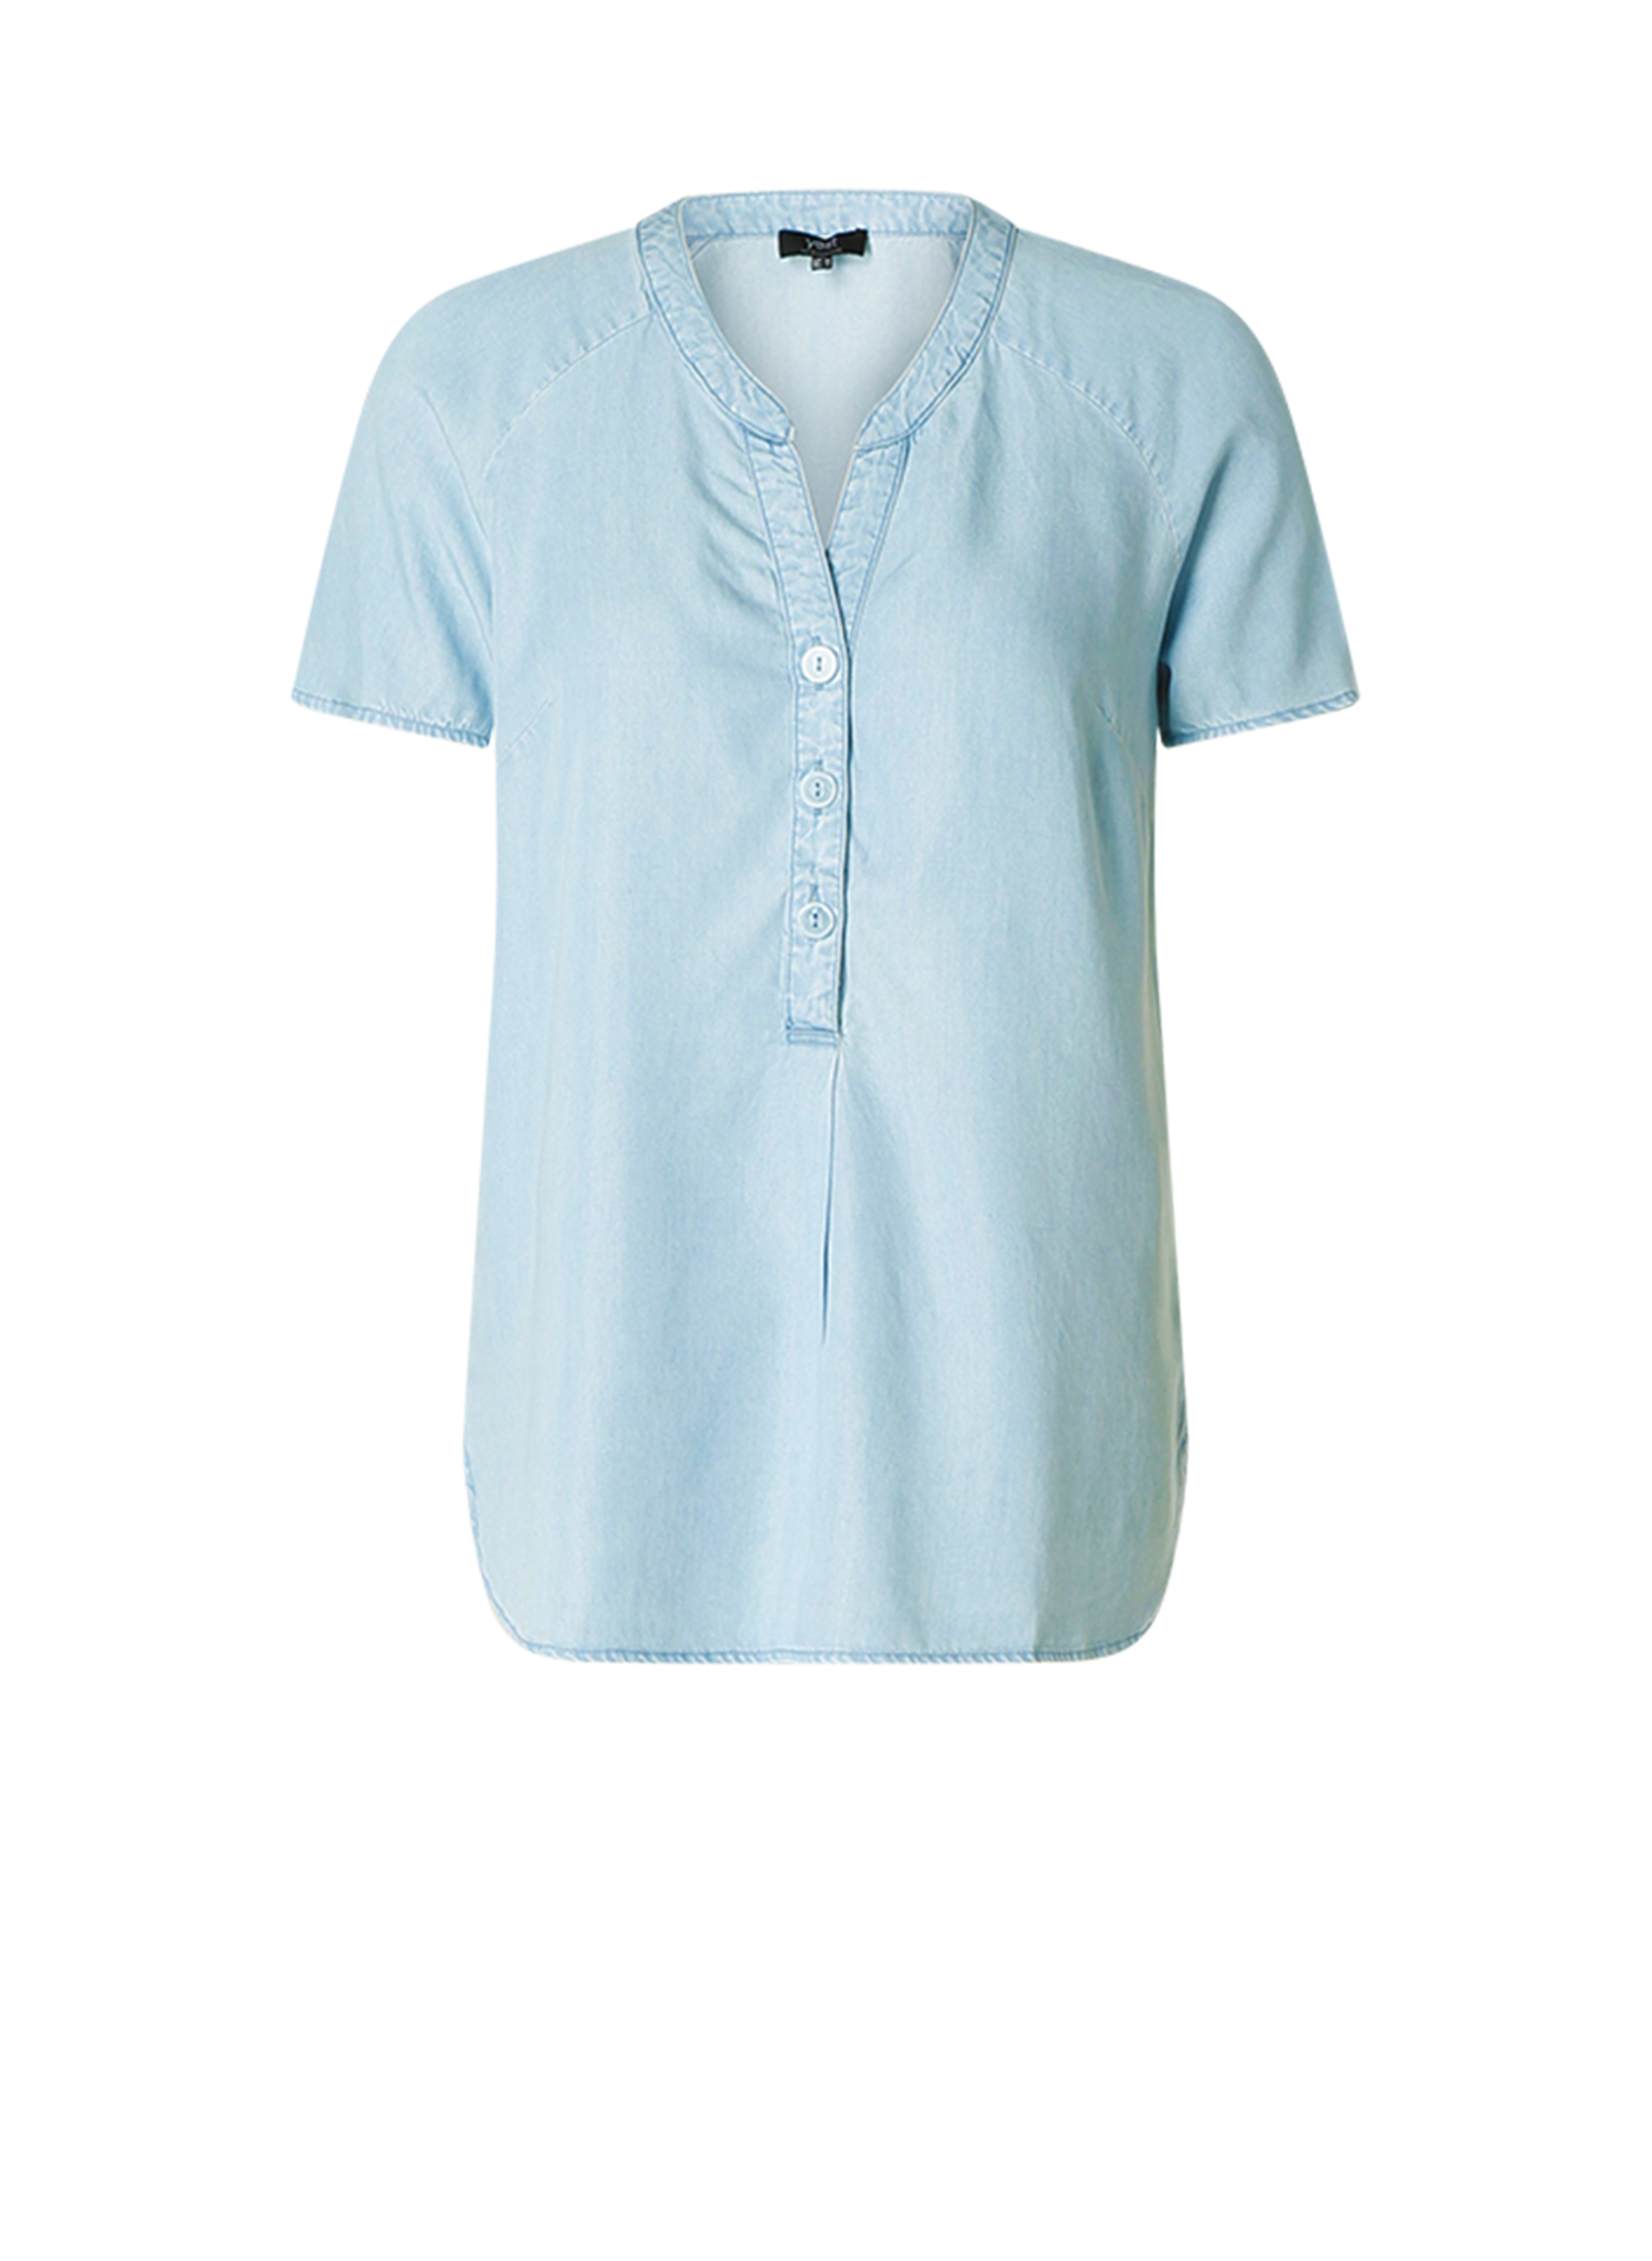 Yesta blouse Laney 80 cm